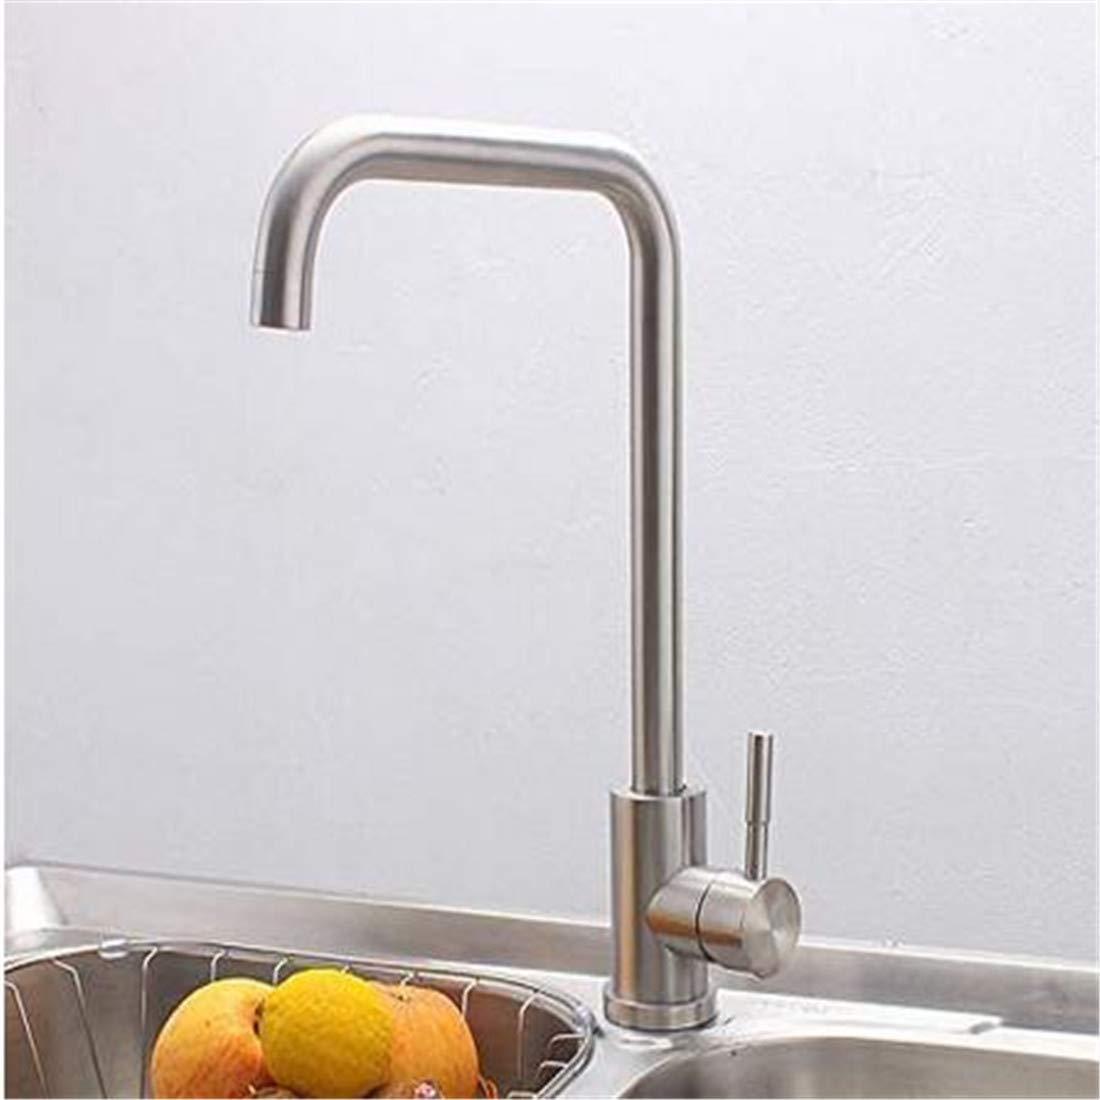 Wasserhahn Chrom Messing Retro Wasserhahn Thermostat Küchenarmatur Heißes Und Kaltes Wasser Waschbecken Sink Mischventil